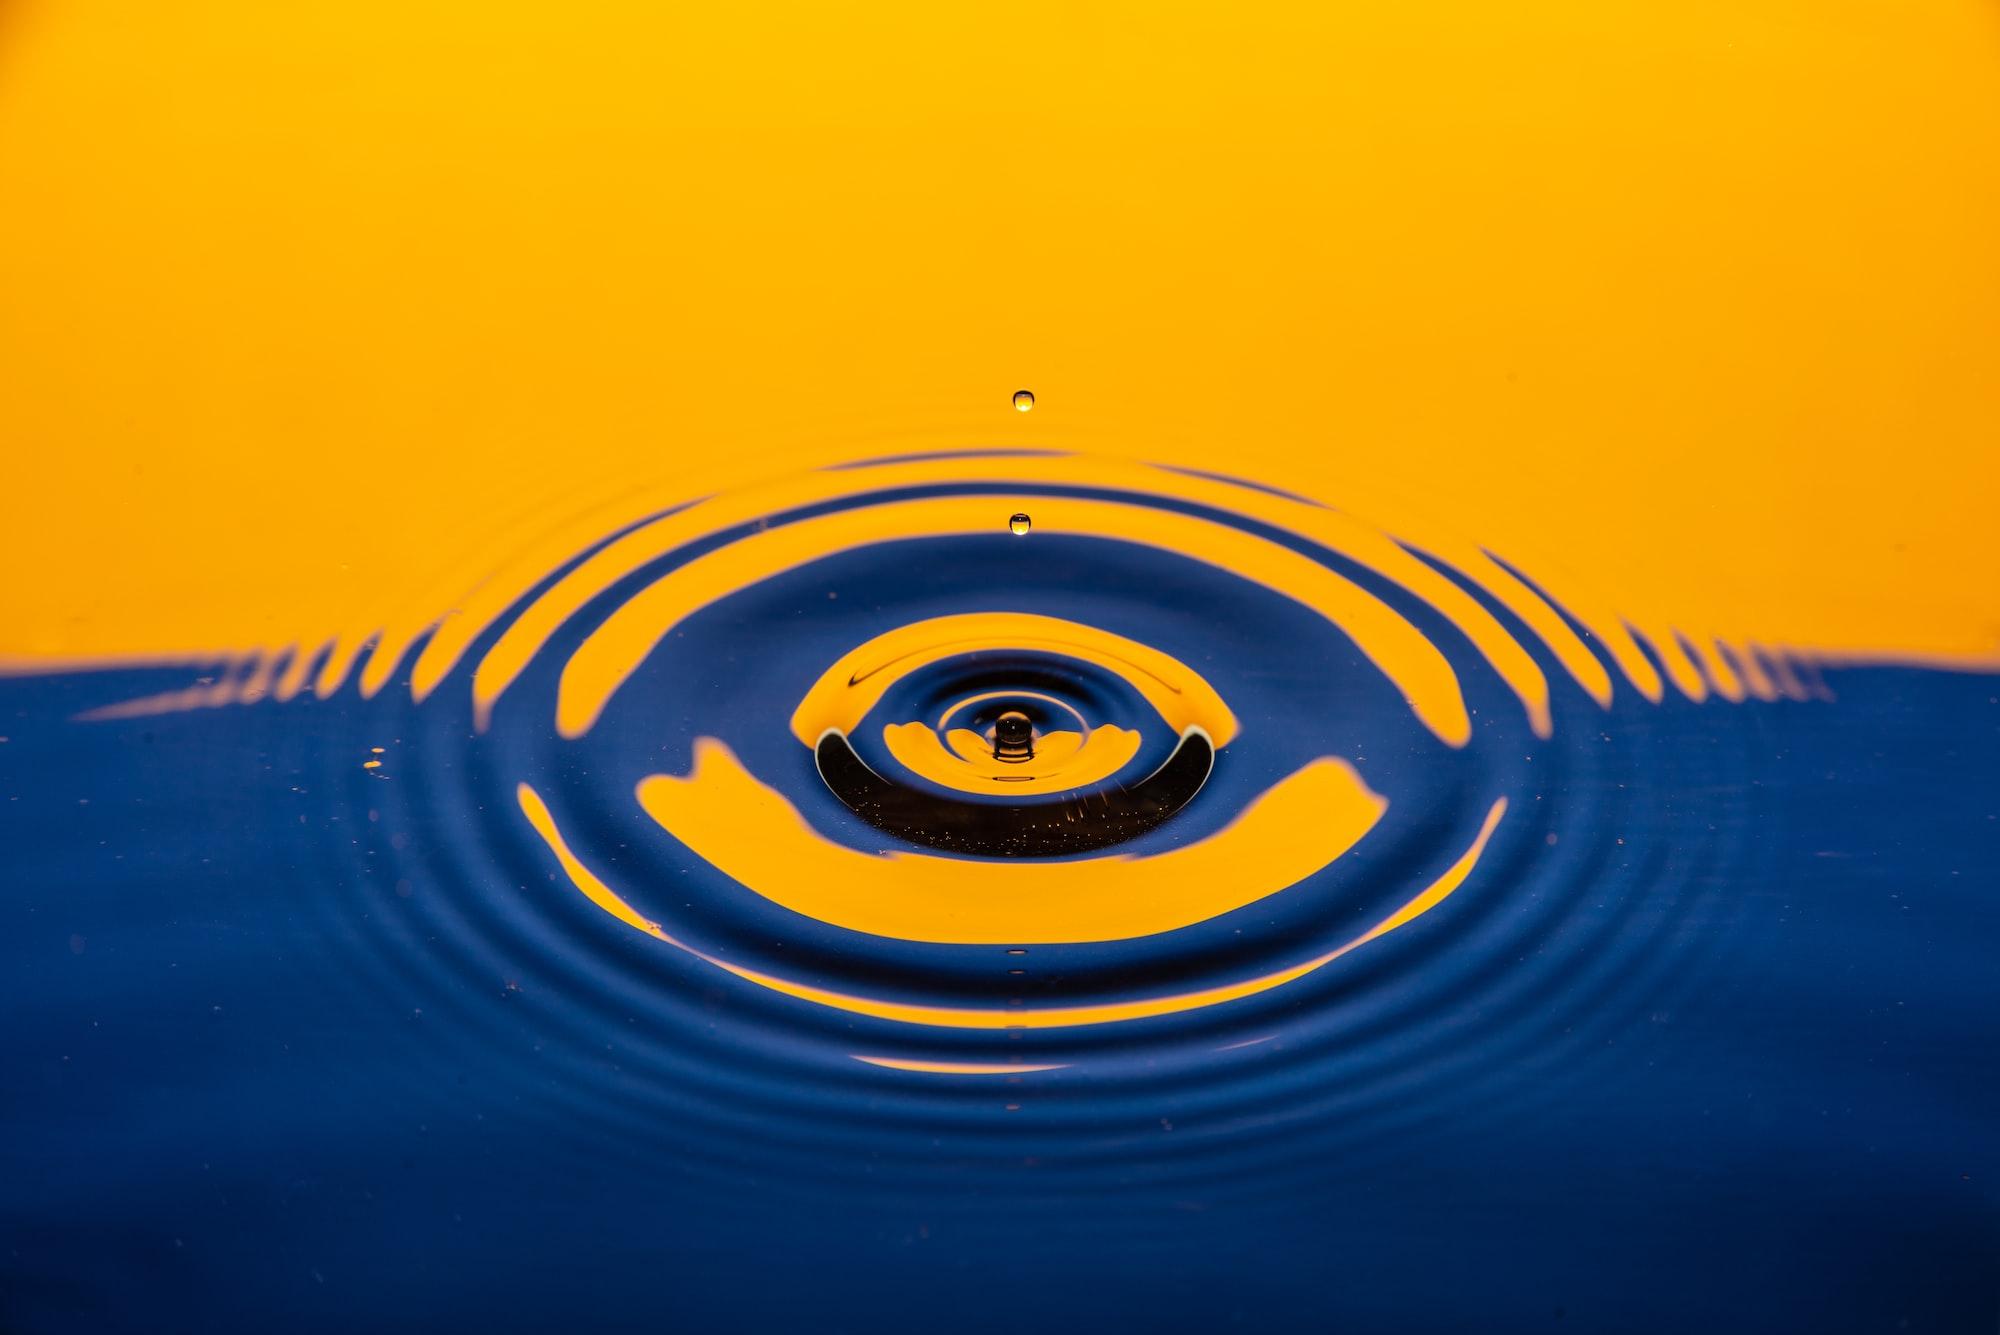 Efsanelere Göre İçene Ölümsüzlük Sağlayan Bir Su Bulmaca Anlamı Nedir?